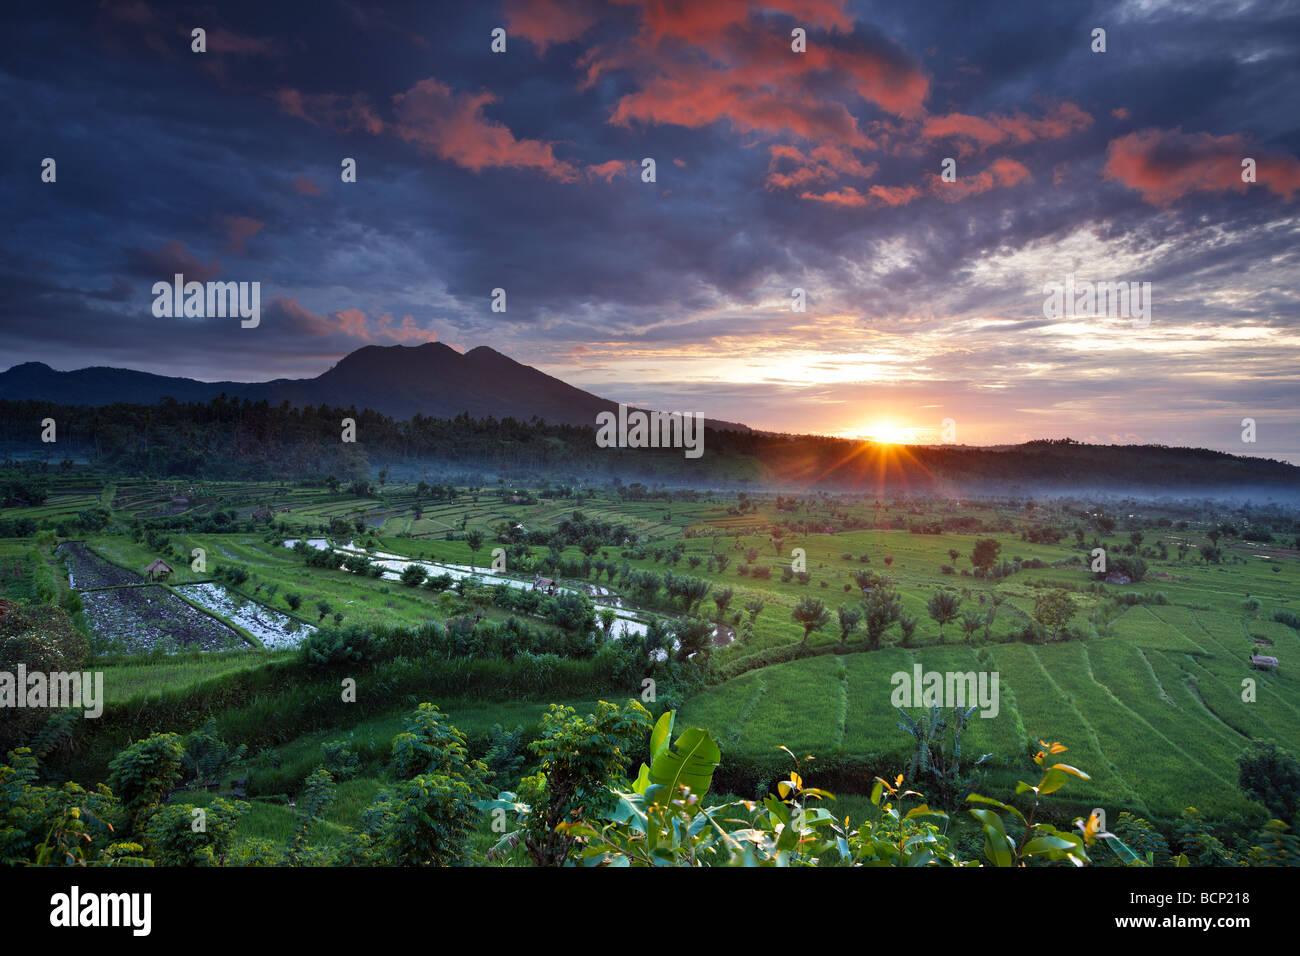 Les rizières en terrasses près de Tirtagangga à l'aube avec le soleil se lever sur le pic volcanique Photo Stock